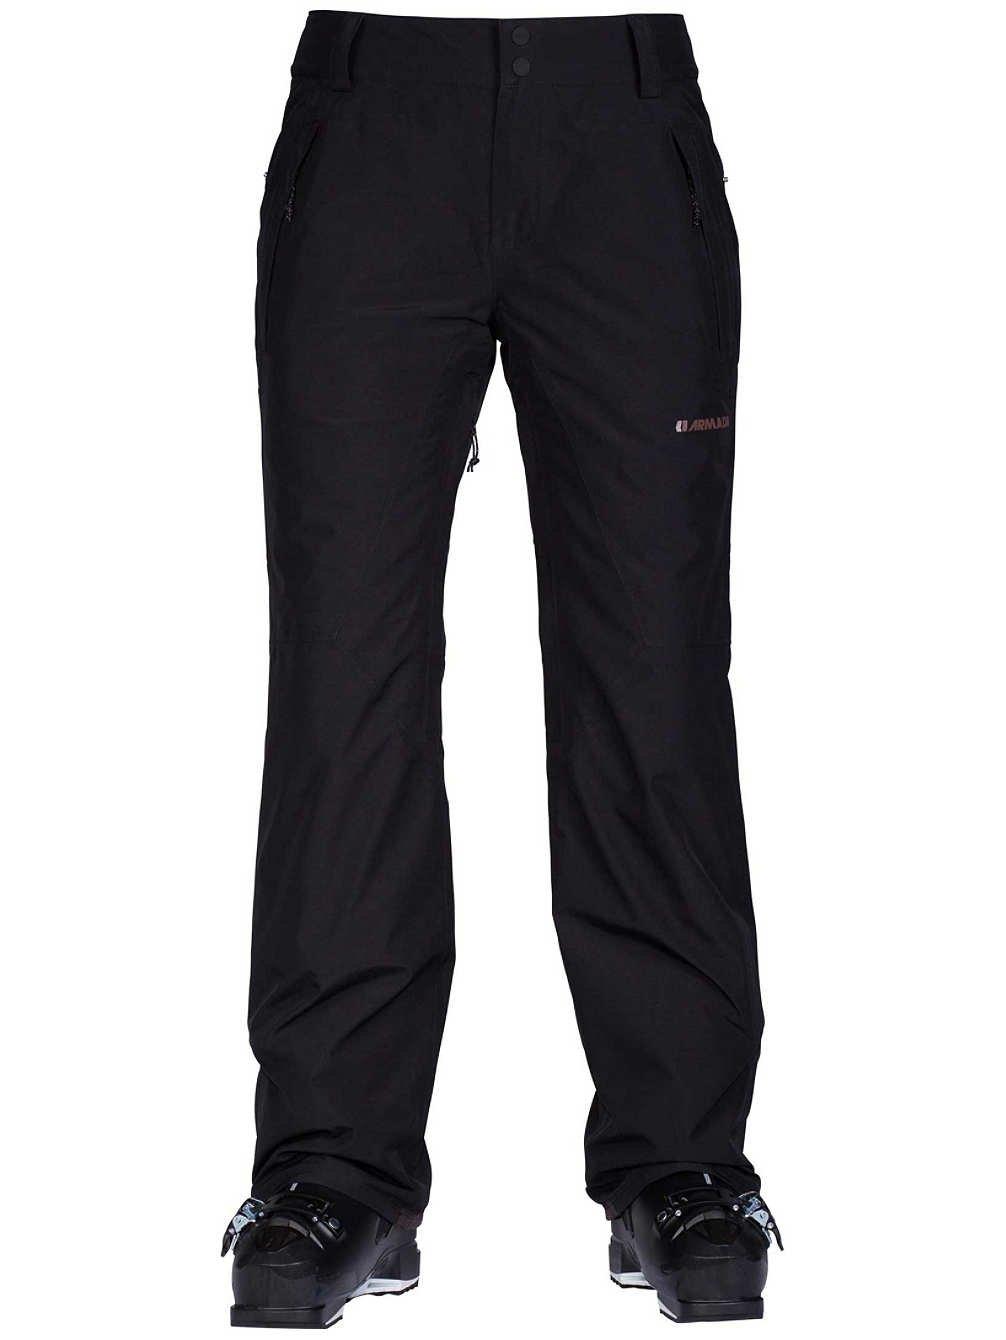 Armada Vista GORE - TEX Pant – Women 'sブラック, S